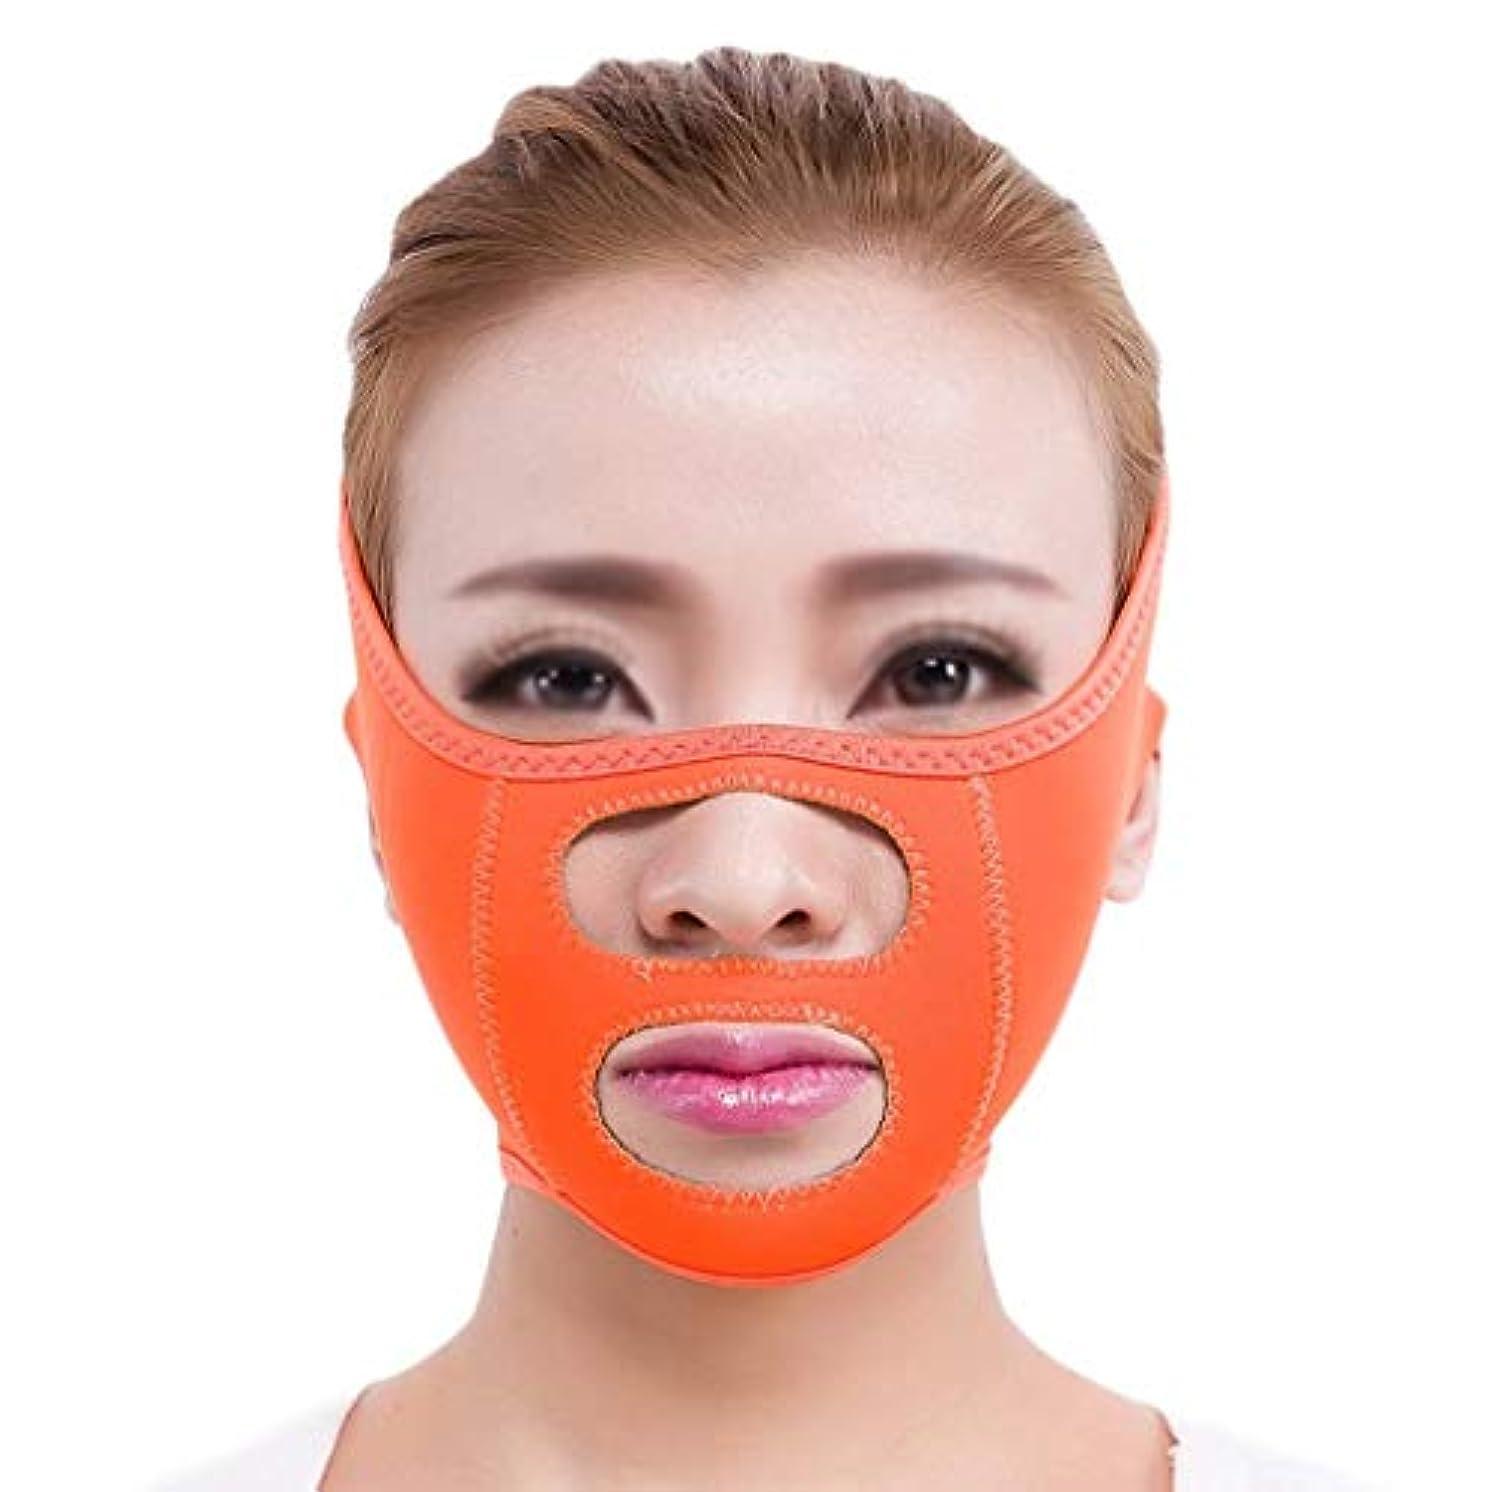 骨髄文芸ナインへチンストラップ、フェイスリフティングマスク、ダブルチン、フェイスリフティングに最適、リフティングフェイシャルスキン、フェイシャル減量マスク、フェイスリフティングベルト(フリーサイズ)(カラー:ブルー),オレンジ